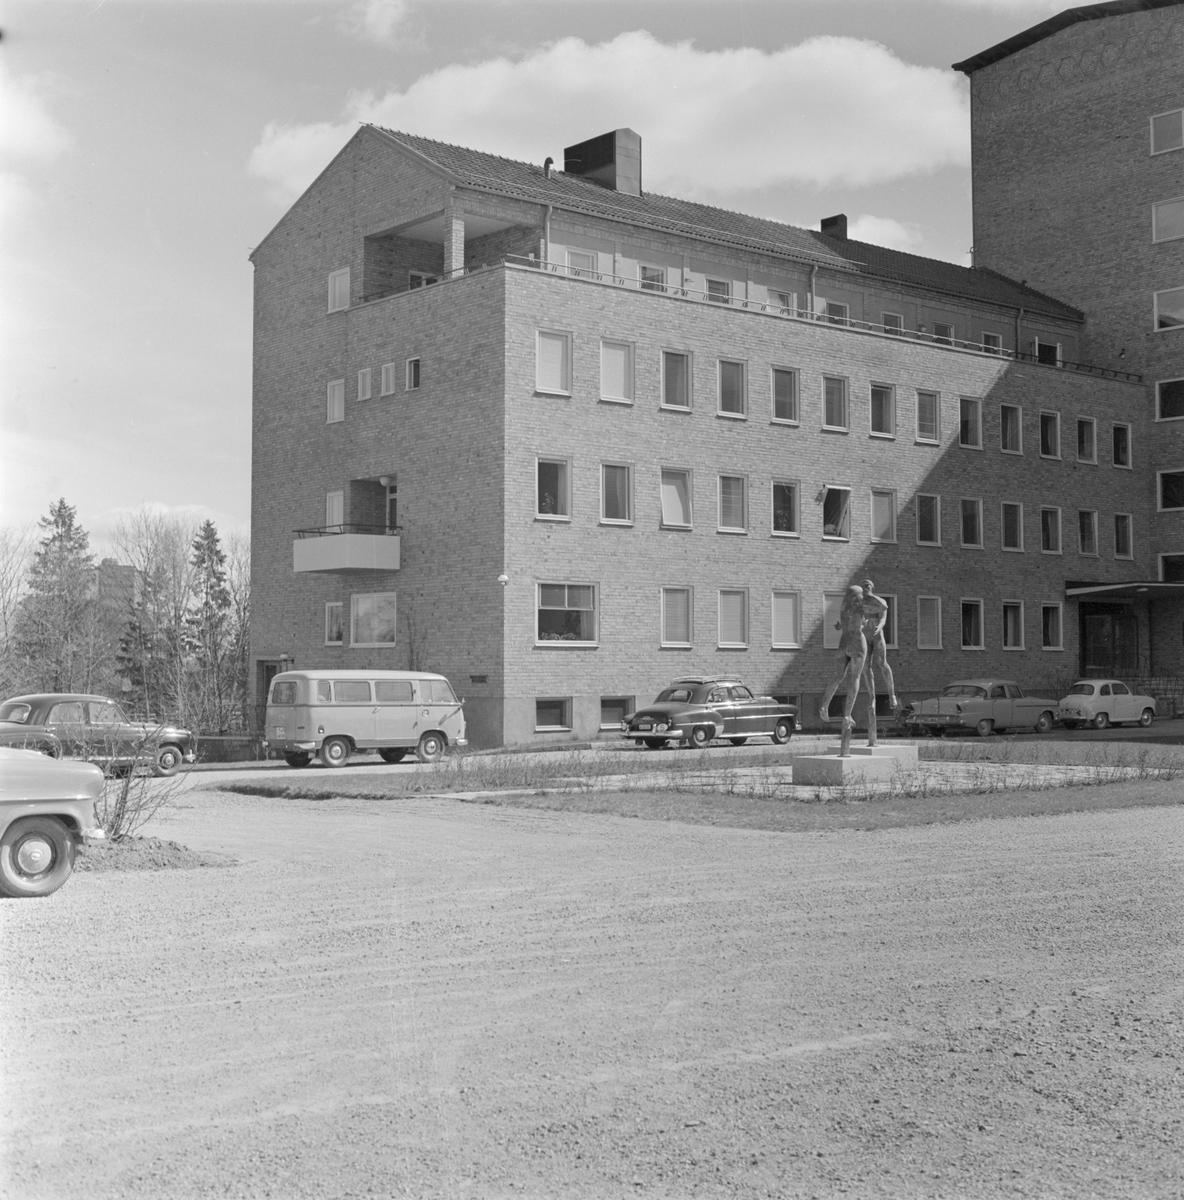 Akademiska sjukhuset, öron- och psykavdelning, Uppsala 1958